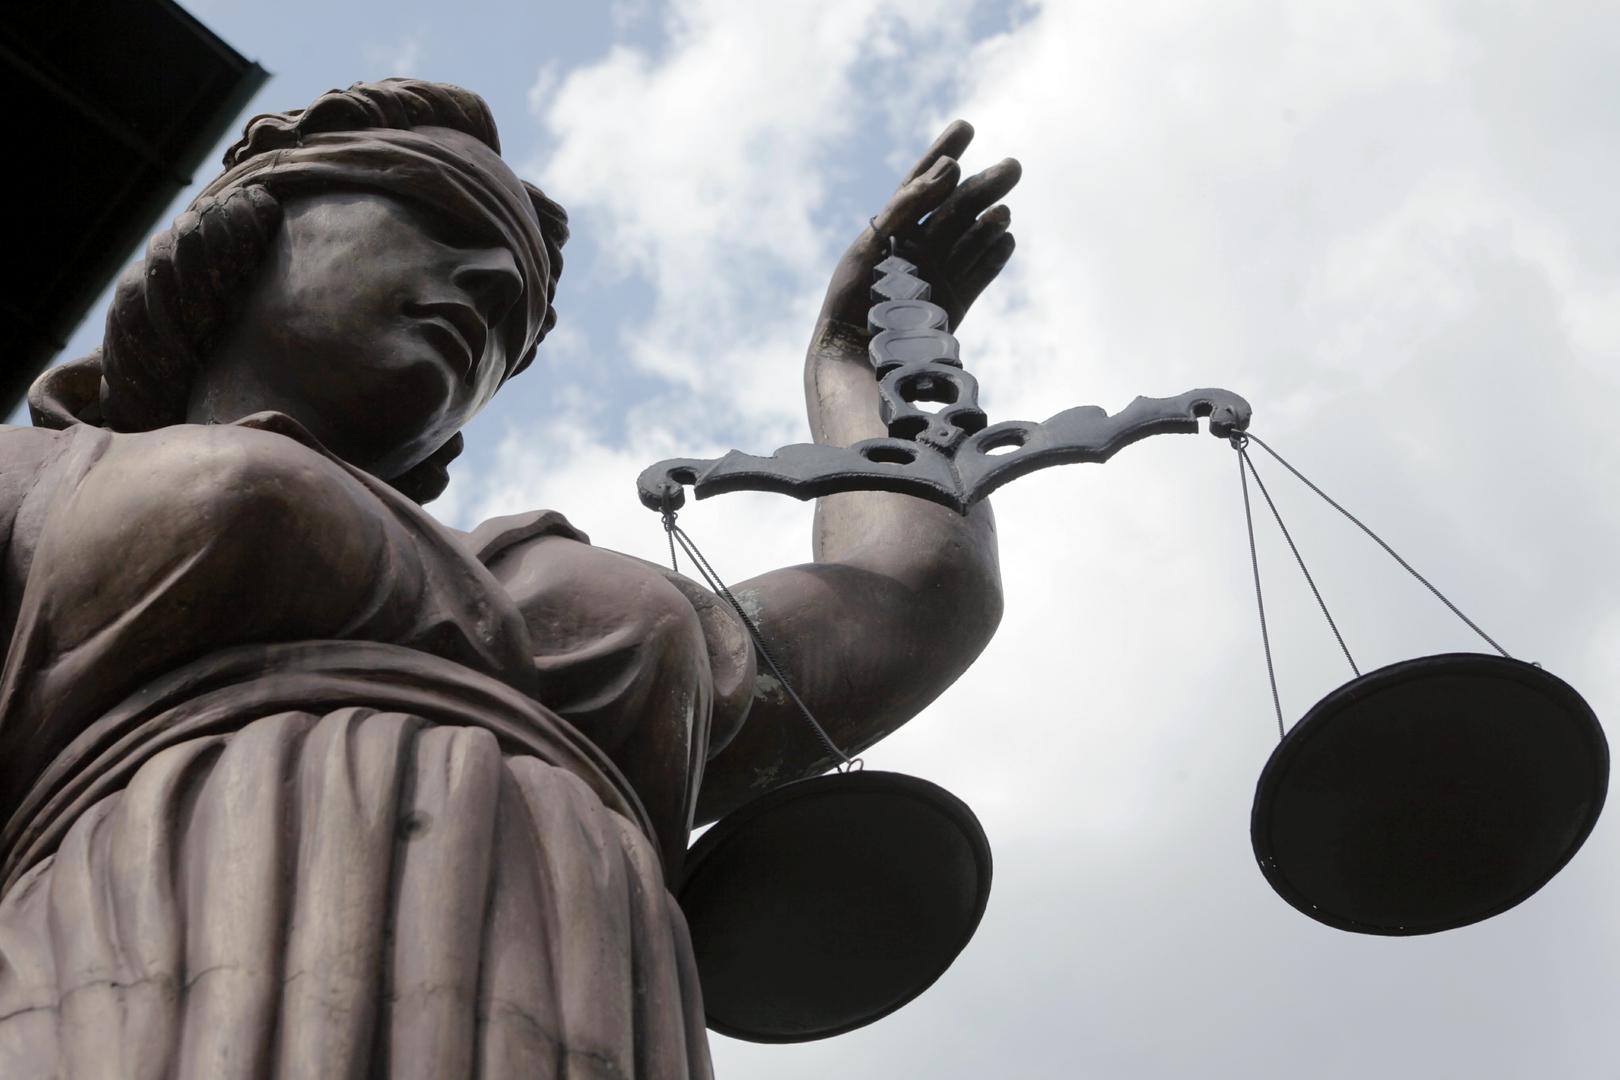 محكمة إسبانية تخلي سبيل الروسي كازانسكي المتهم بالاختلاس في بلاده